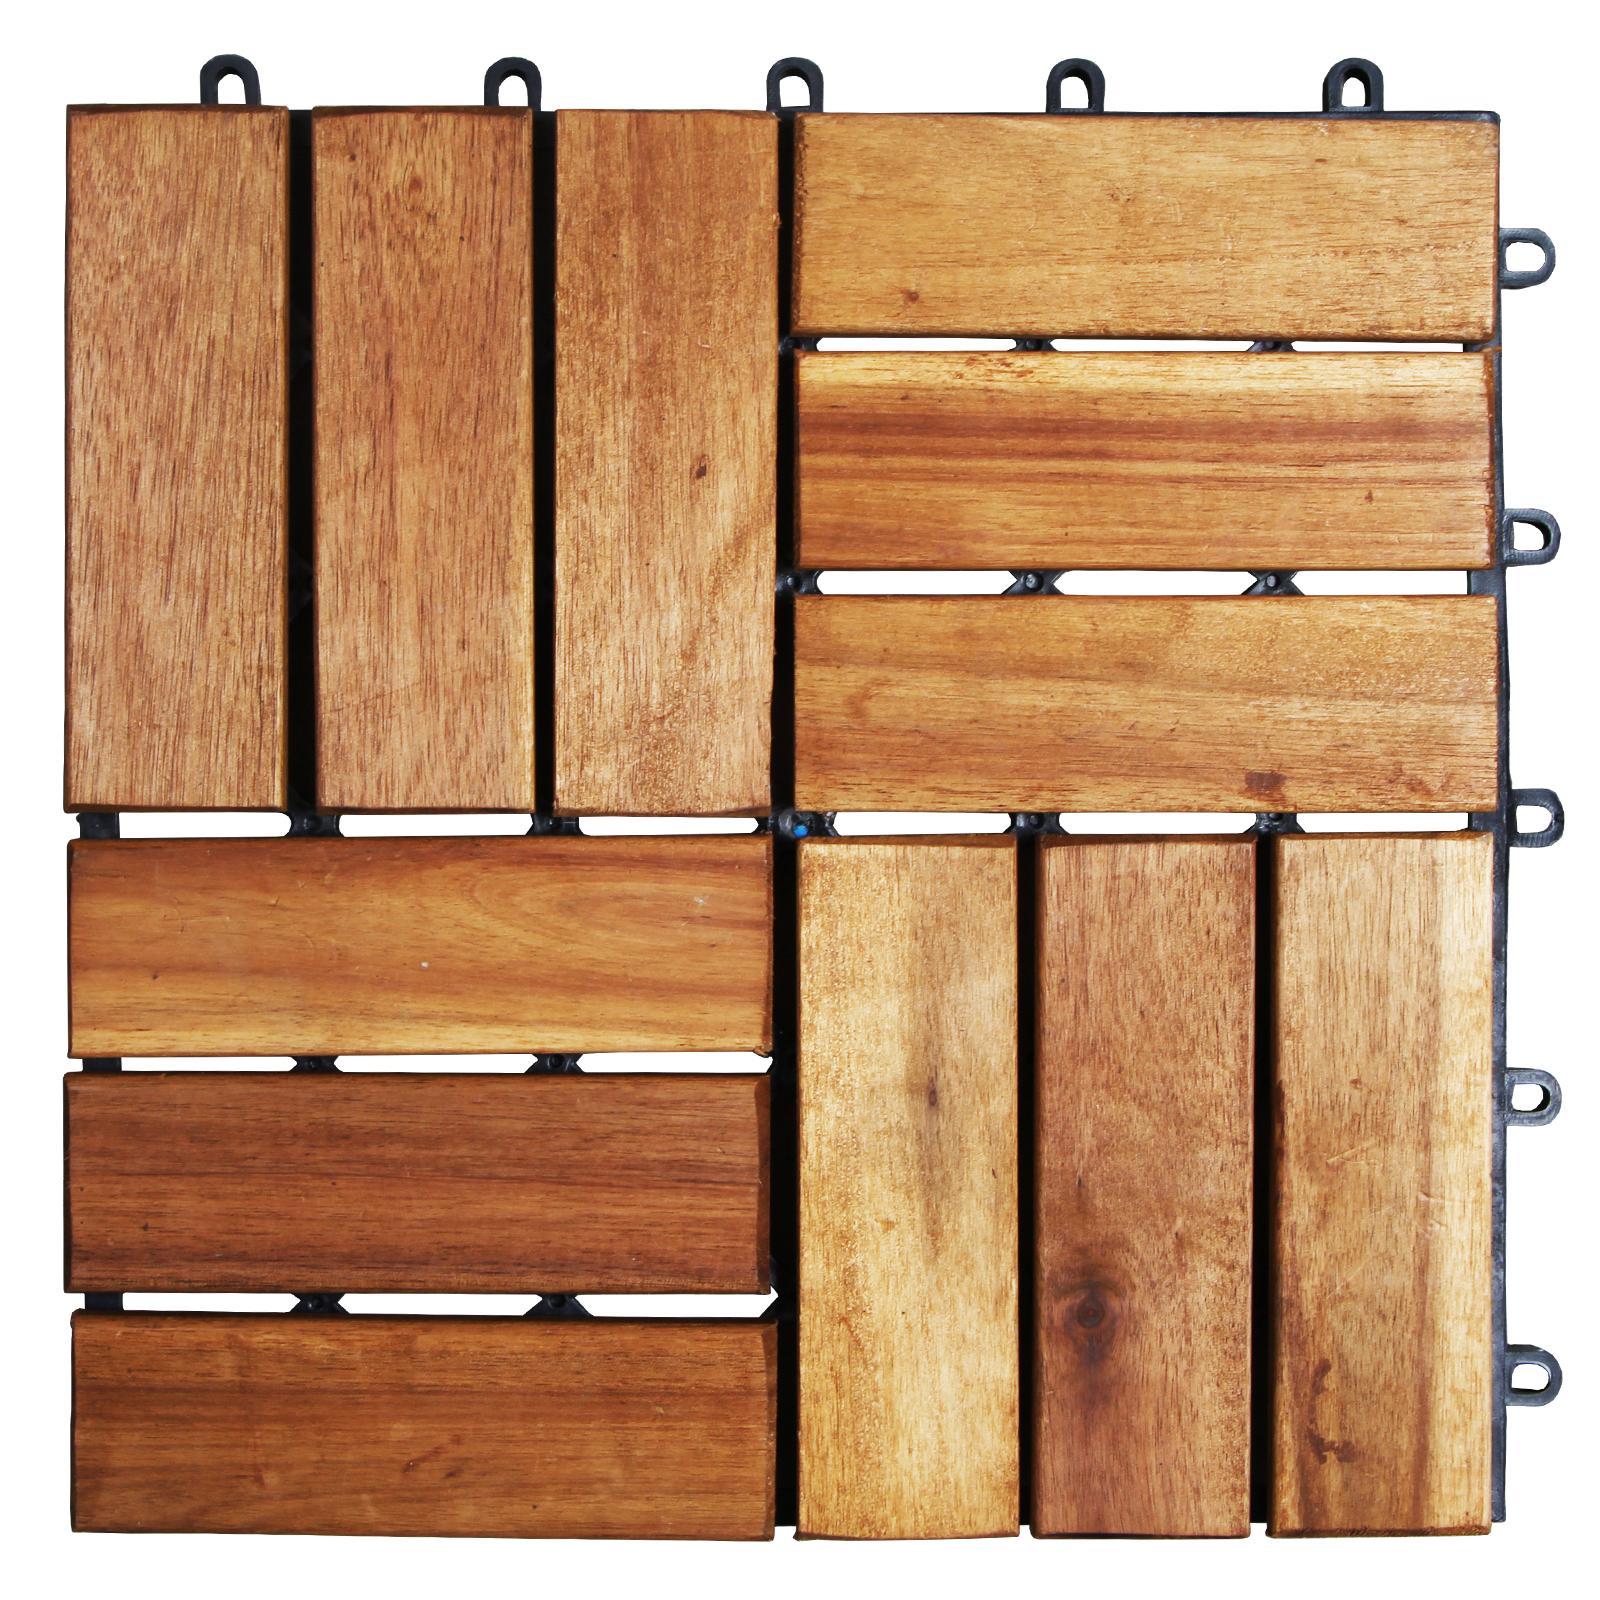 holzfliesen aus akazie terassenfliesen ge lt. Black Bedroom Furniture Sets. Home Design Ideas